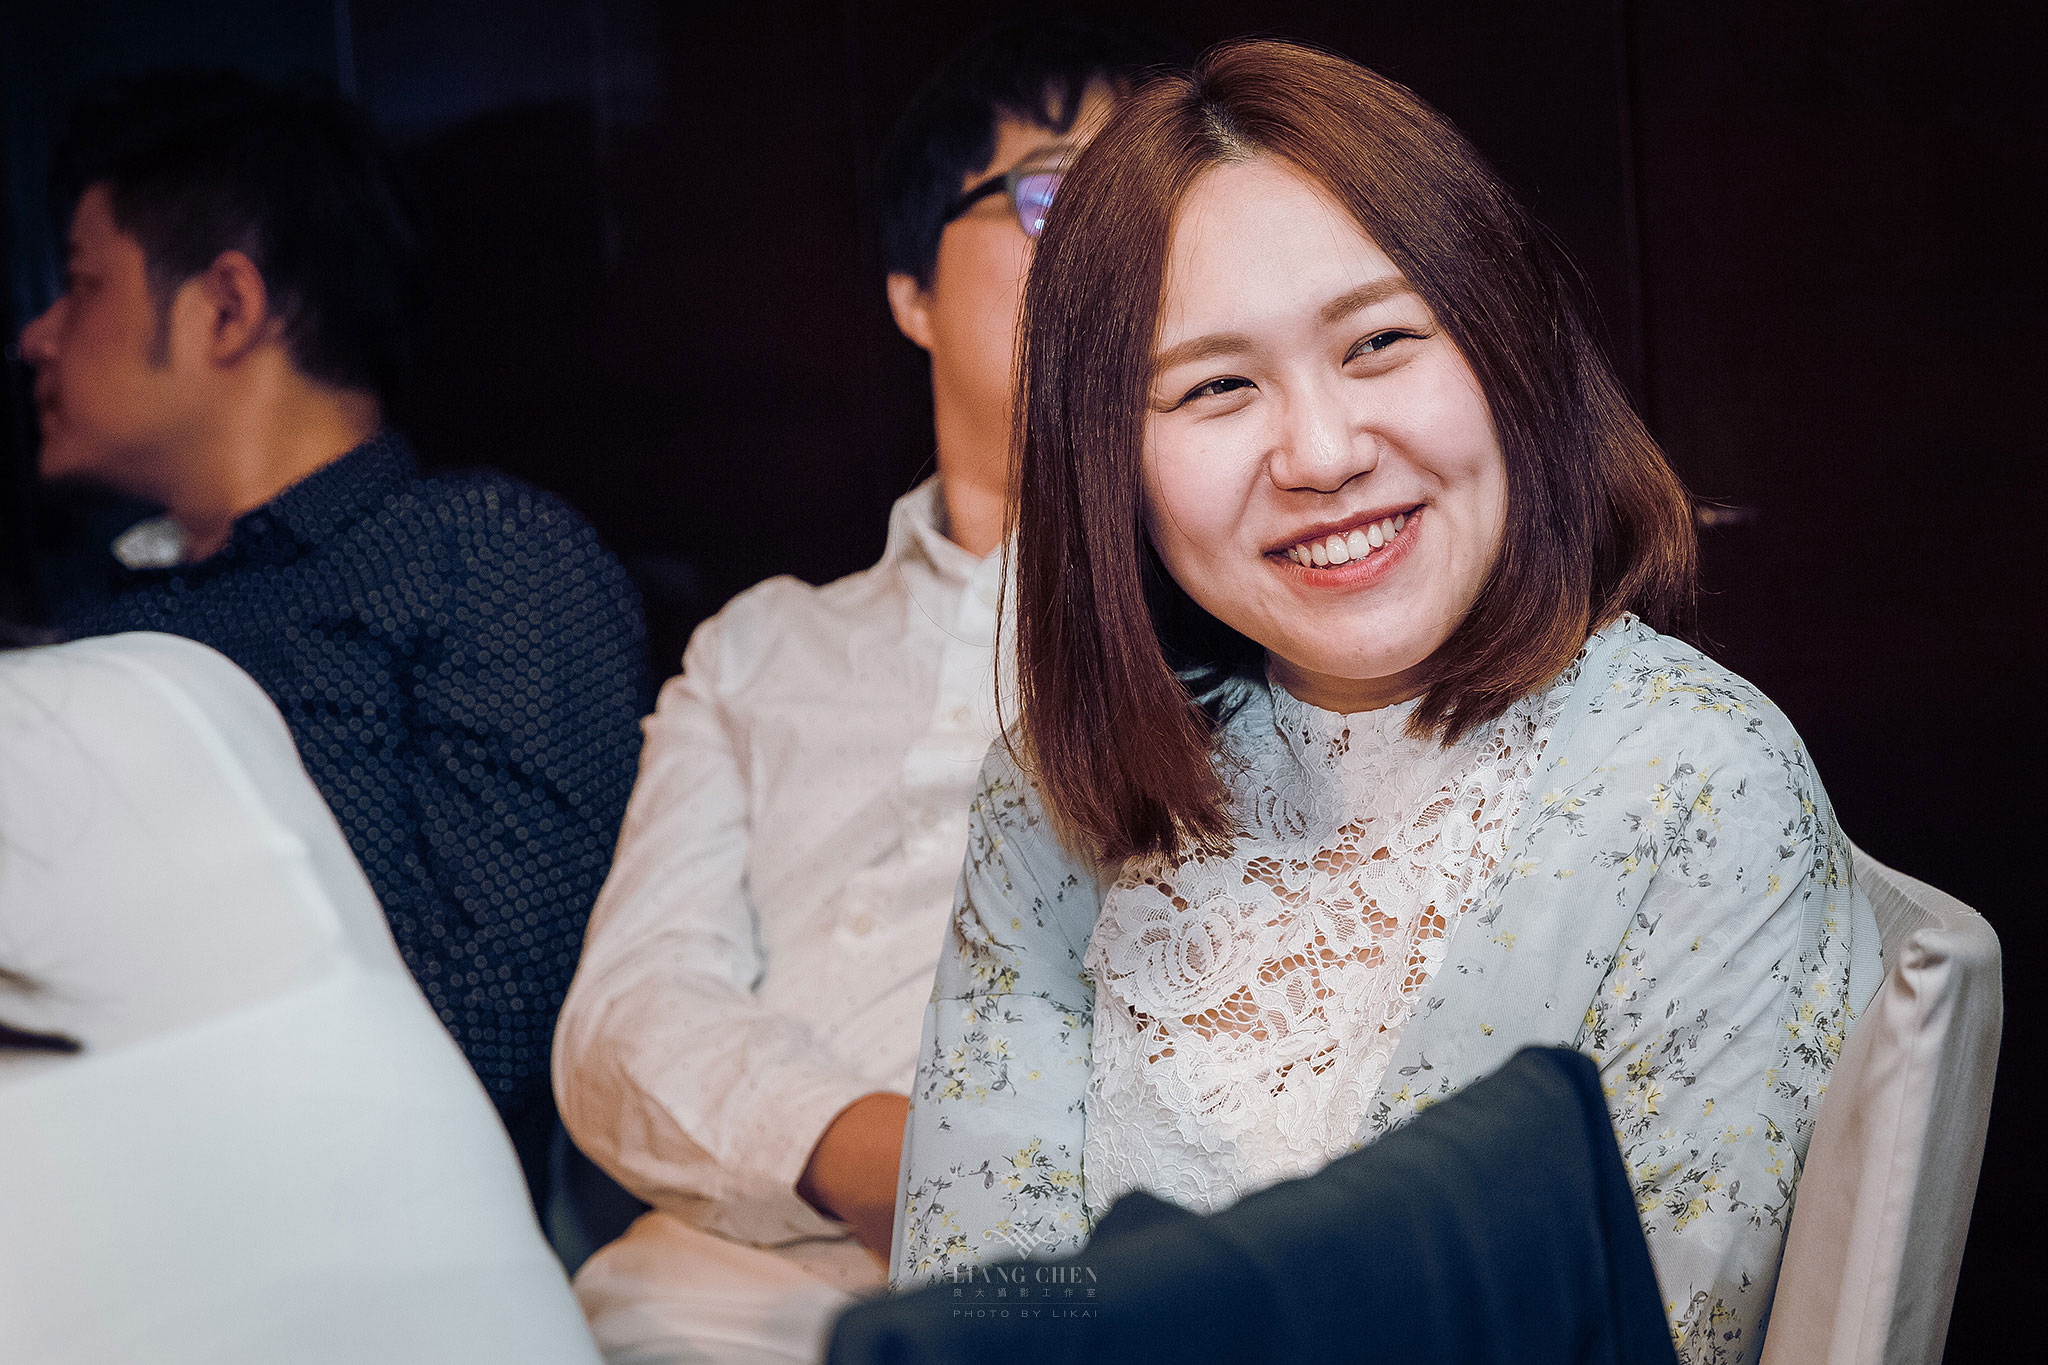 婚禮紀錄 - 逸文 & 守憲 - 晶華酒店